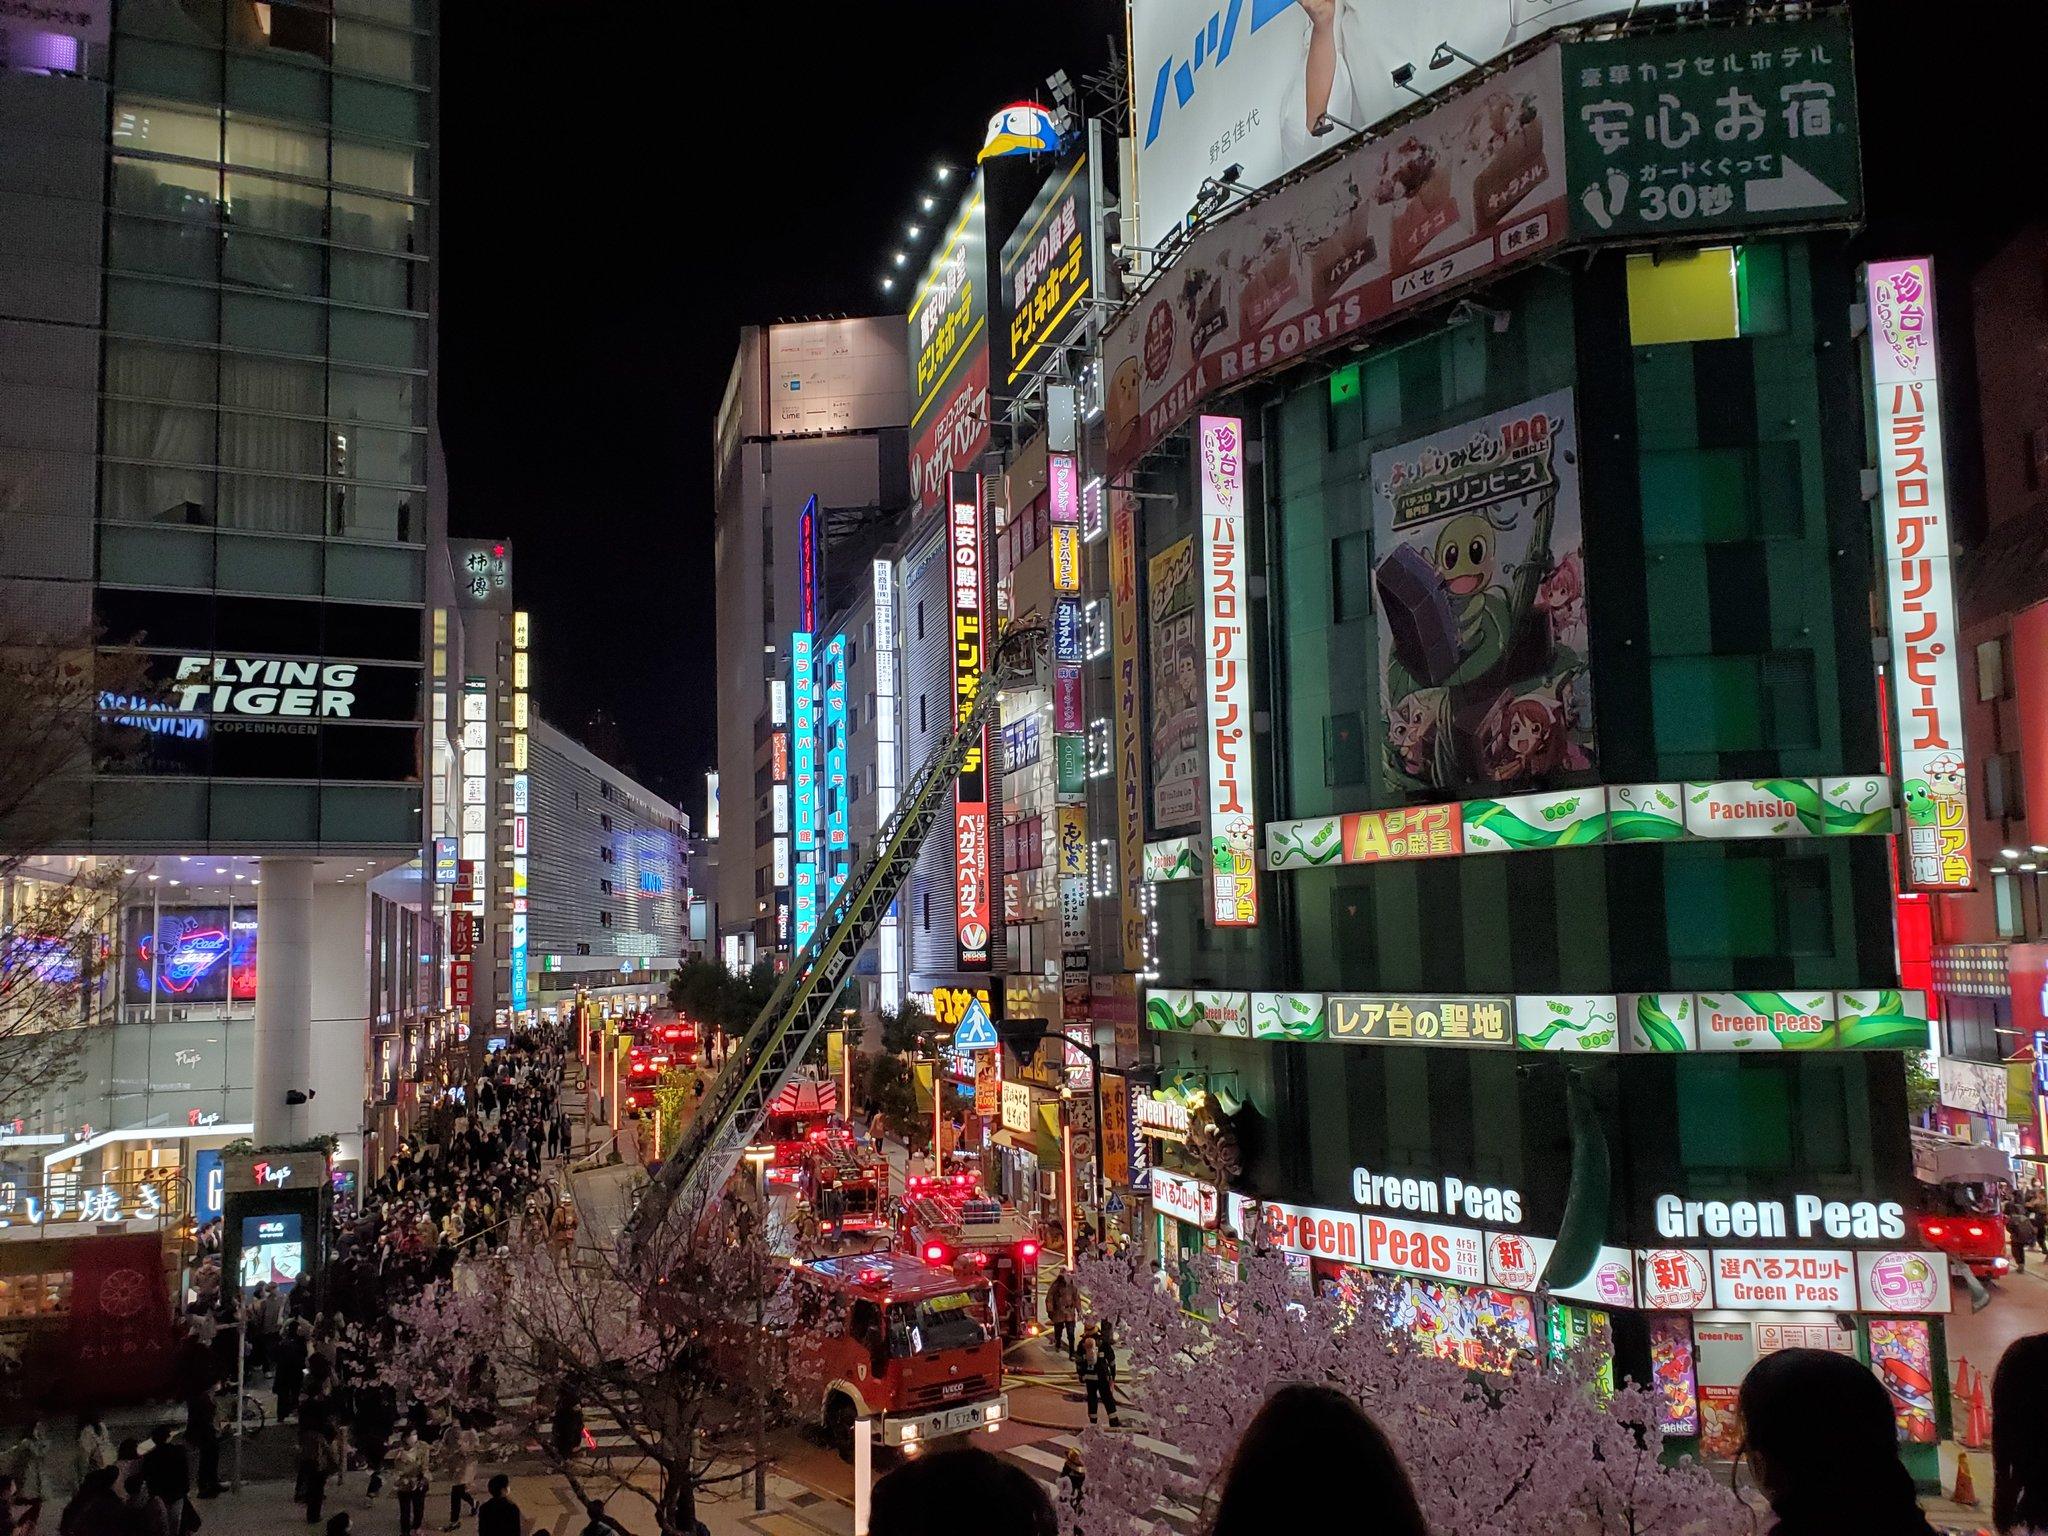 新宿駅南口のドンキで火事が起きている現場の画像